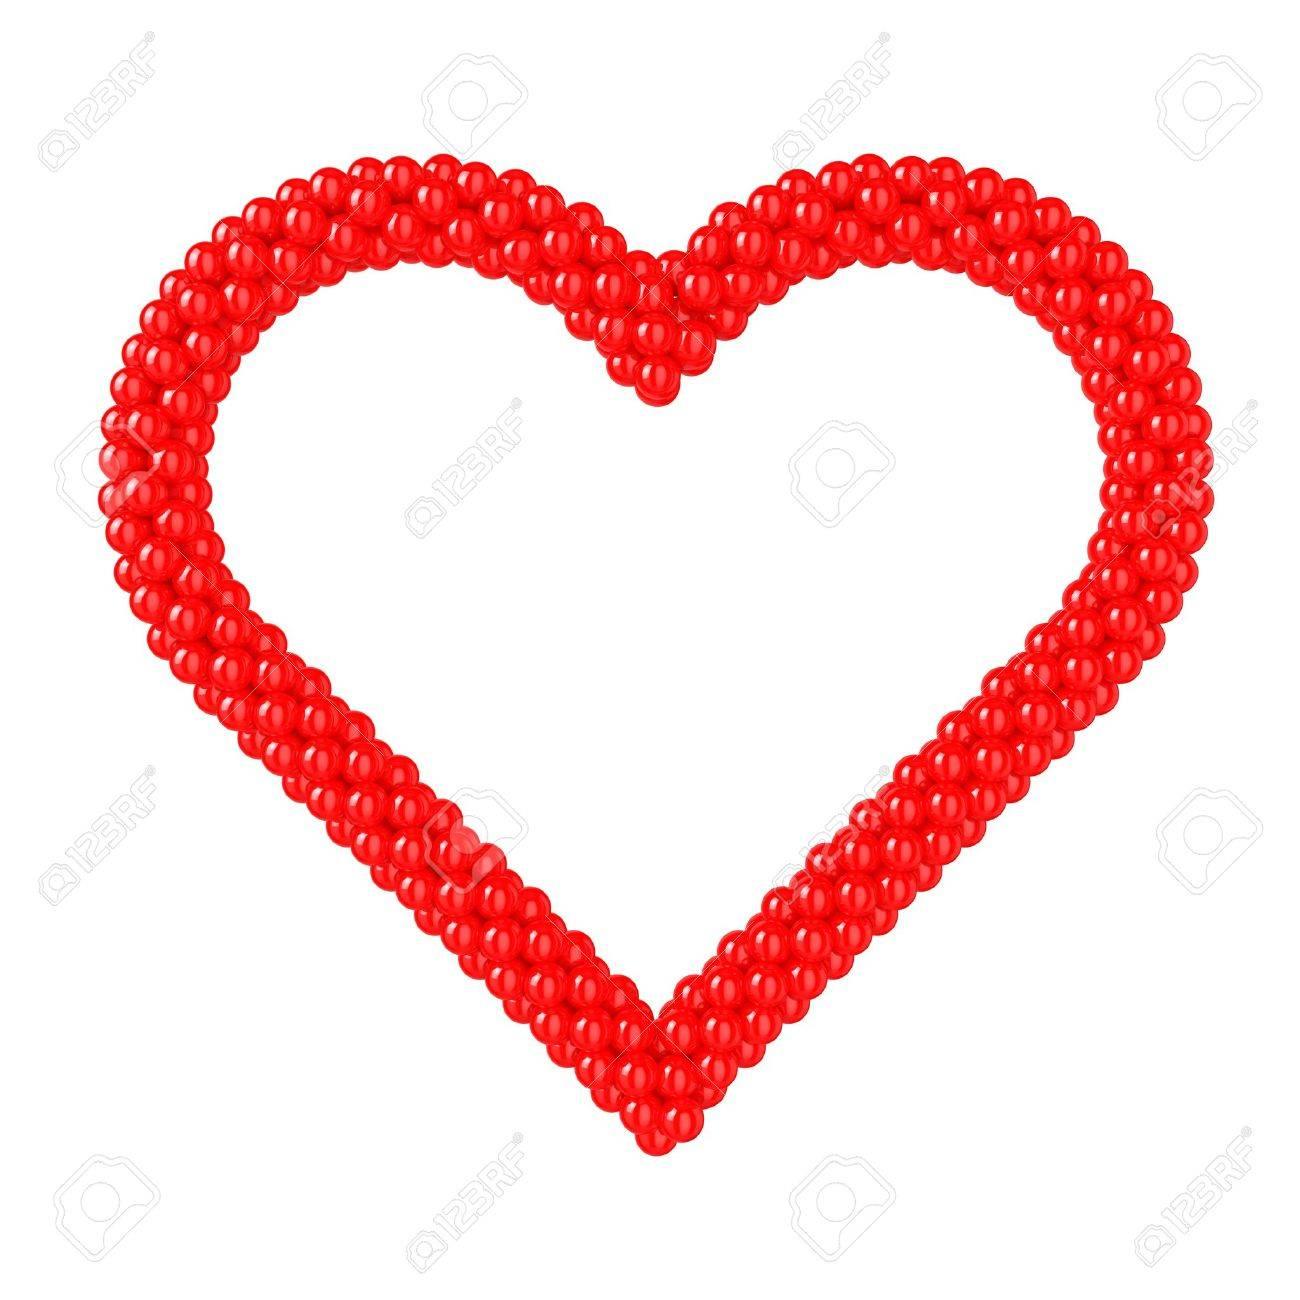 Herzförmigen Rahmen Mit Ballons Erstellt. Lizenzfreie Fotos, Bilder ...